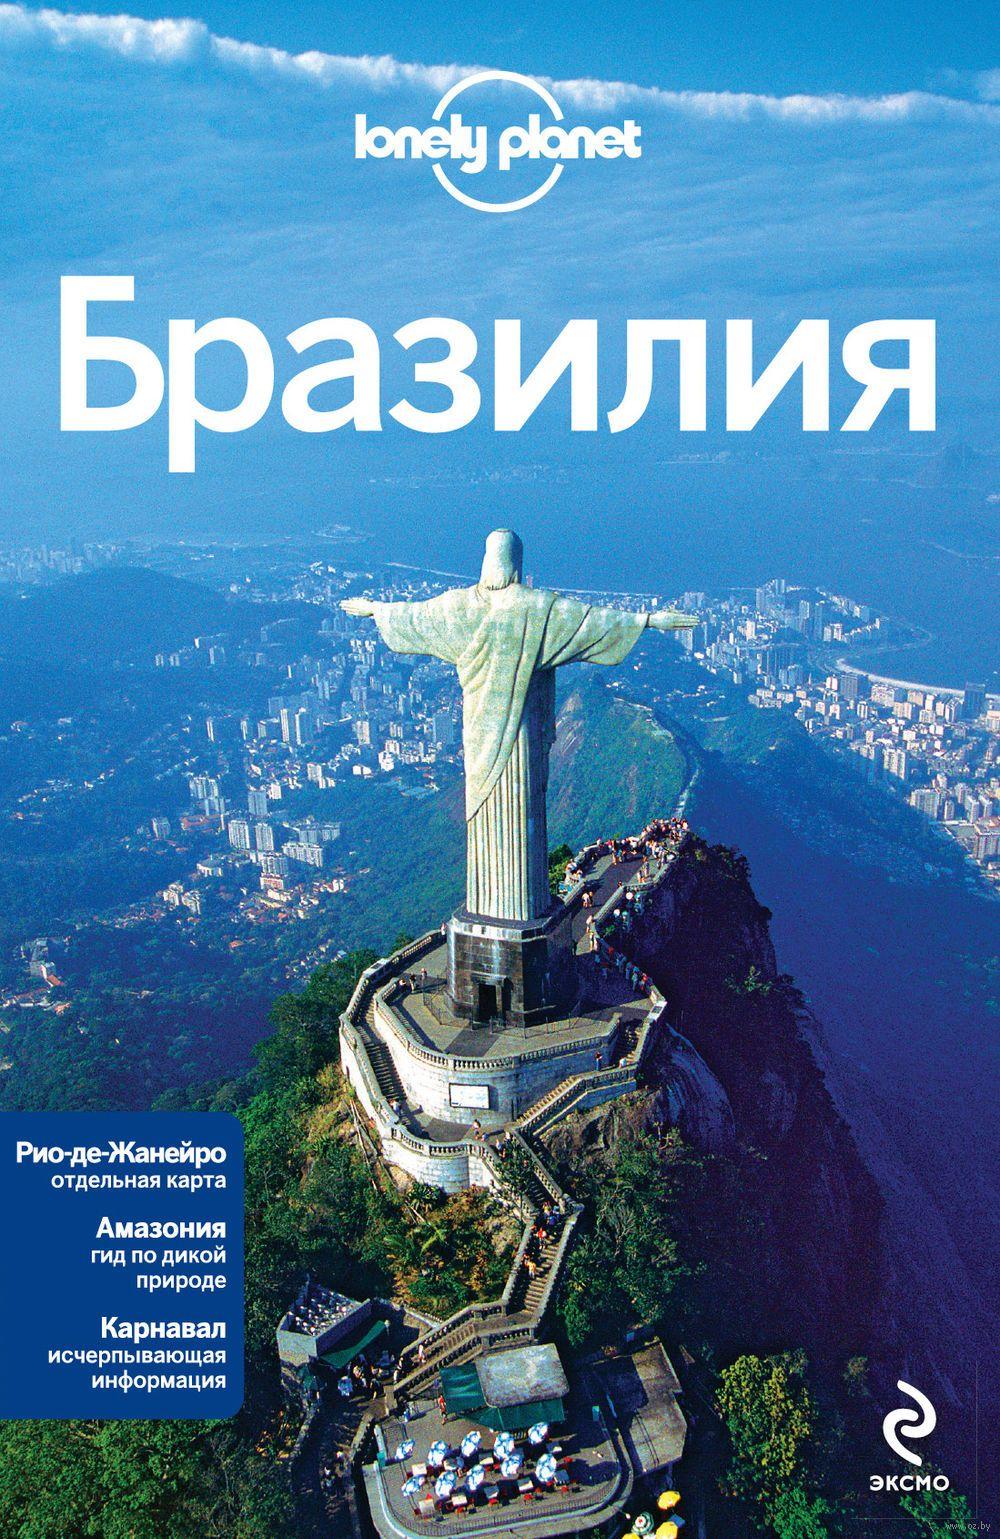 Бразилия — Путеводитель по миру